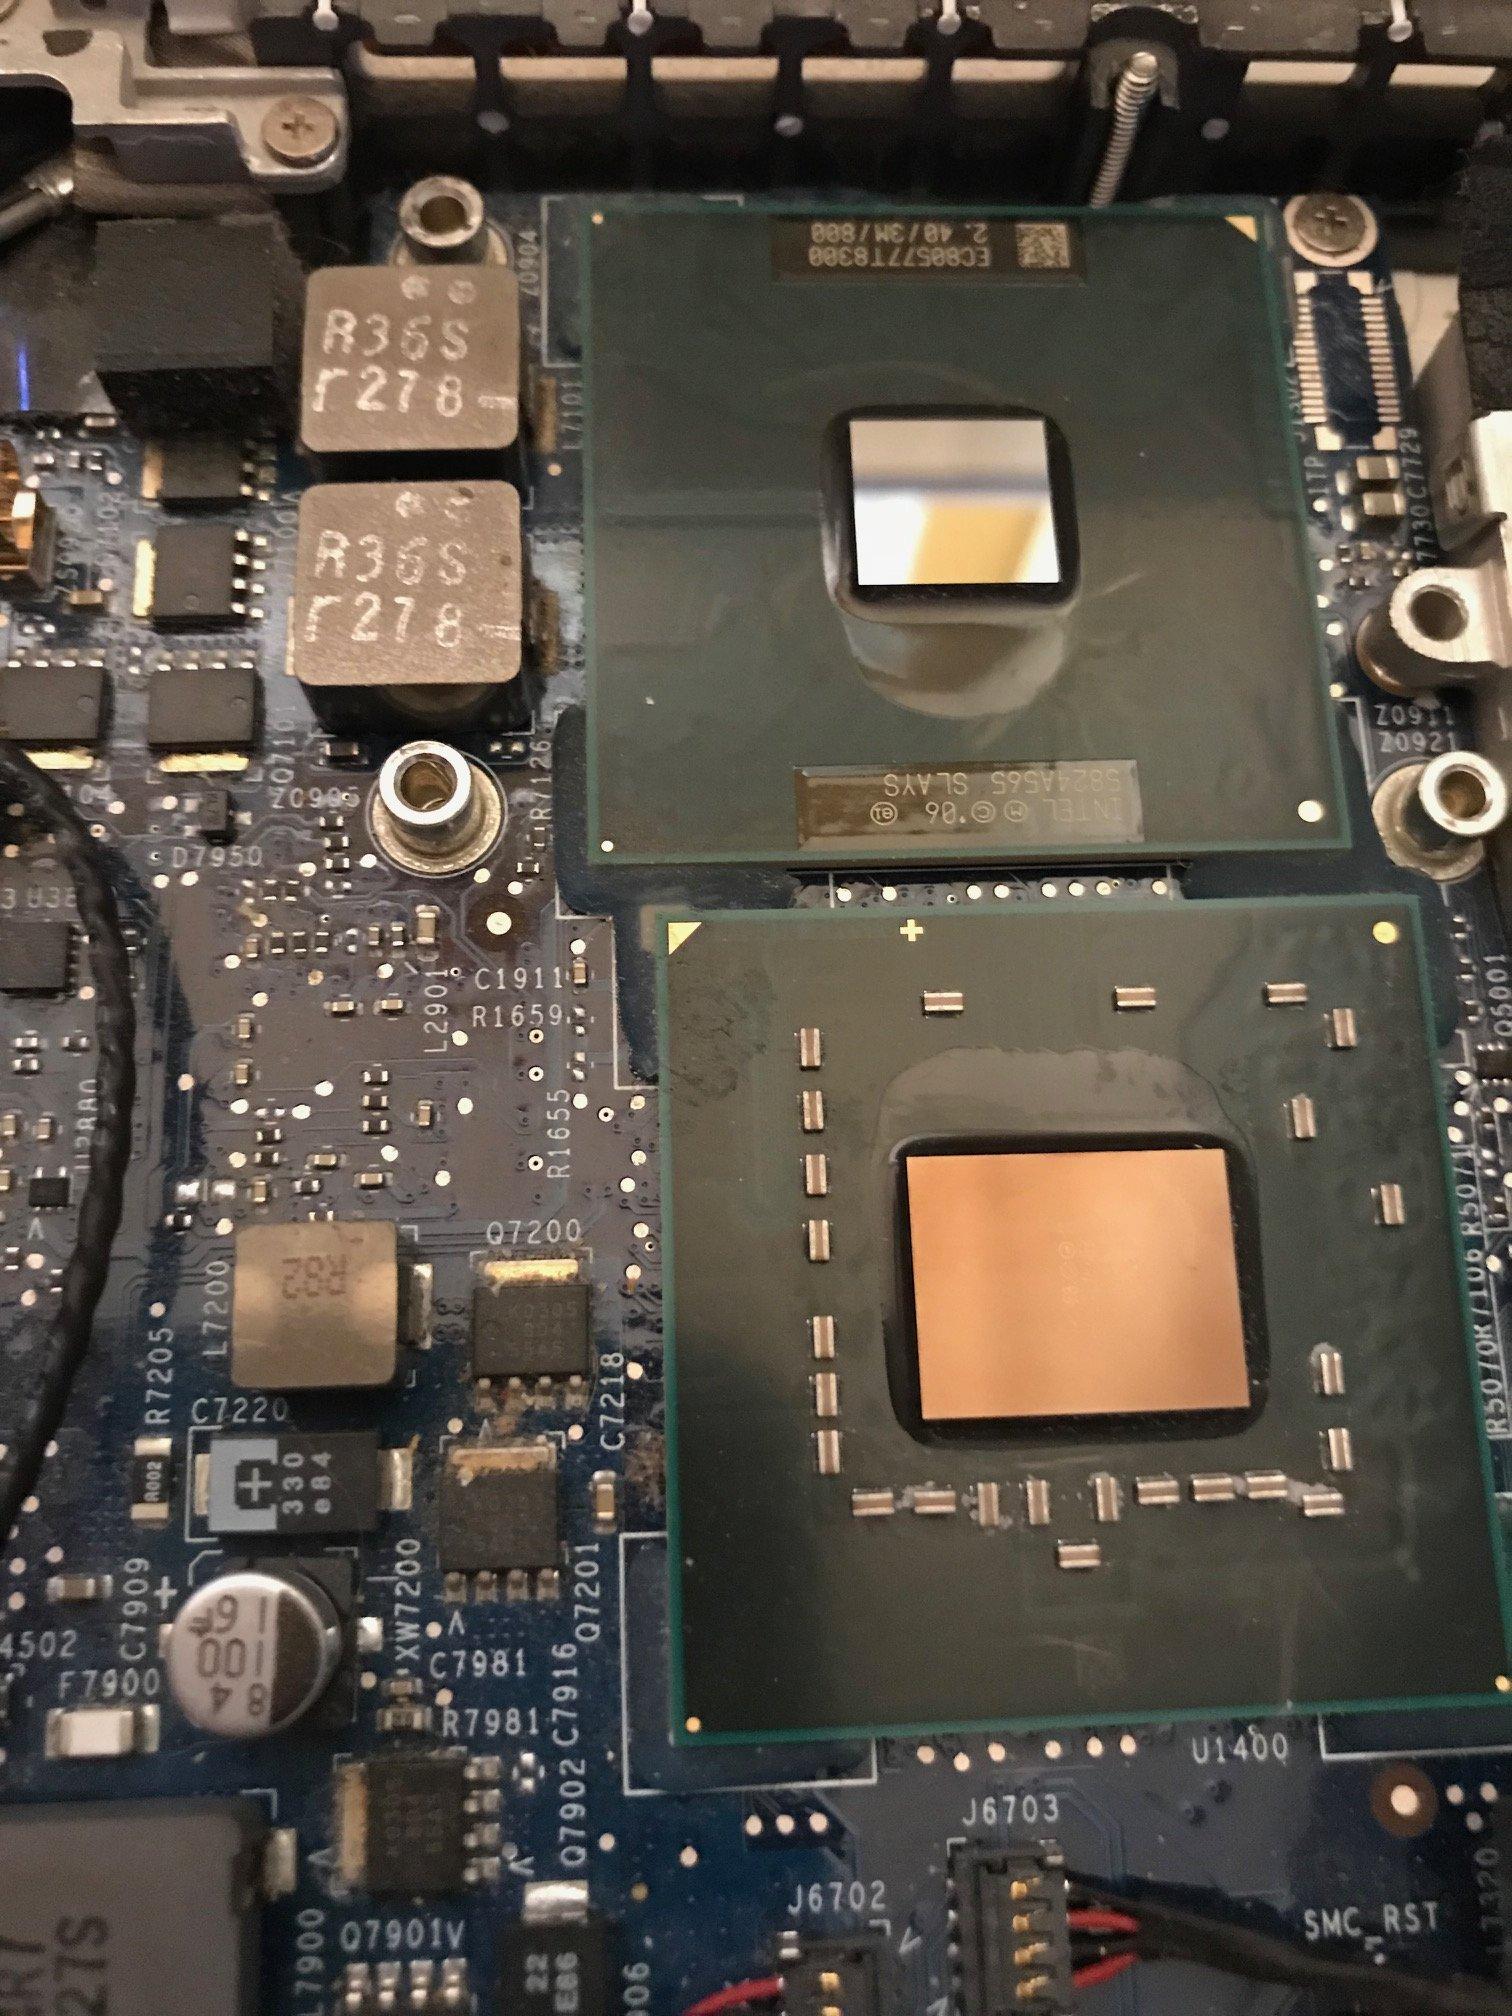 Ccc Thermal Paste Processor Anti Panas Cpu Dan Laptop Daftar Harga Pasta Processorpasta Balsempasta Botolpasta Pendingin Merk Ht Gy260 Abu2 Deepcool Z5 Untuk Source Img 9401